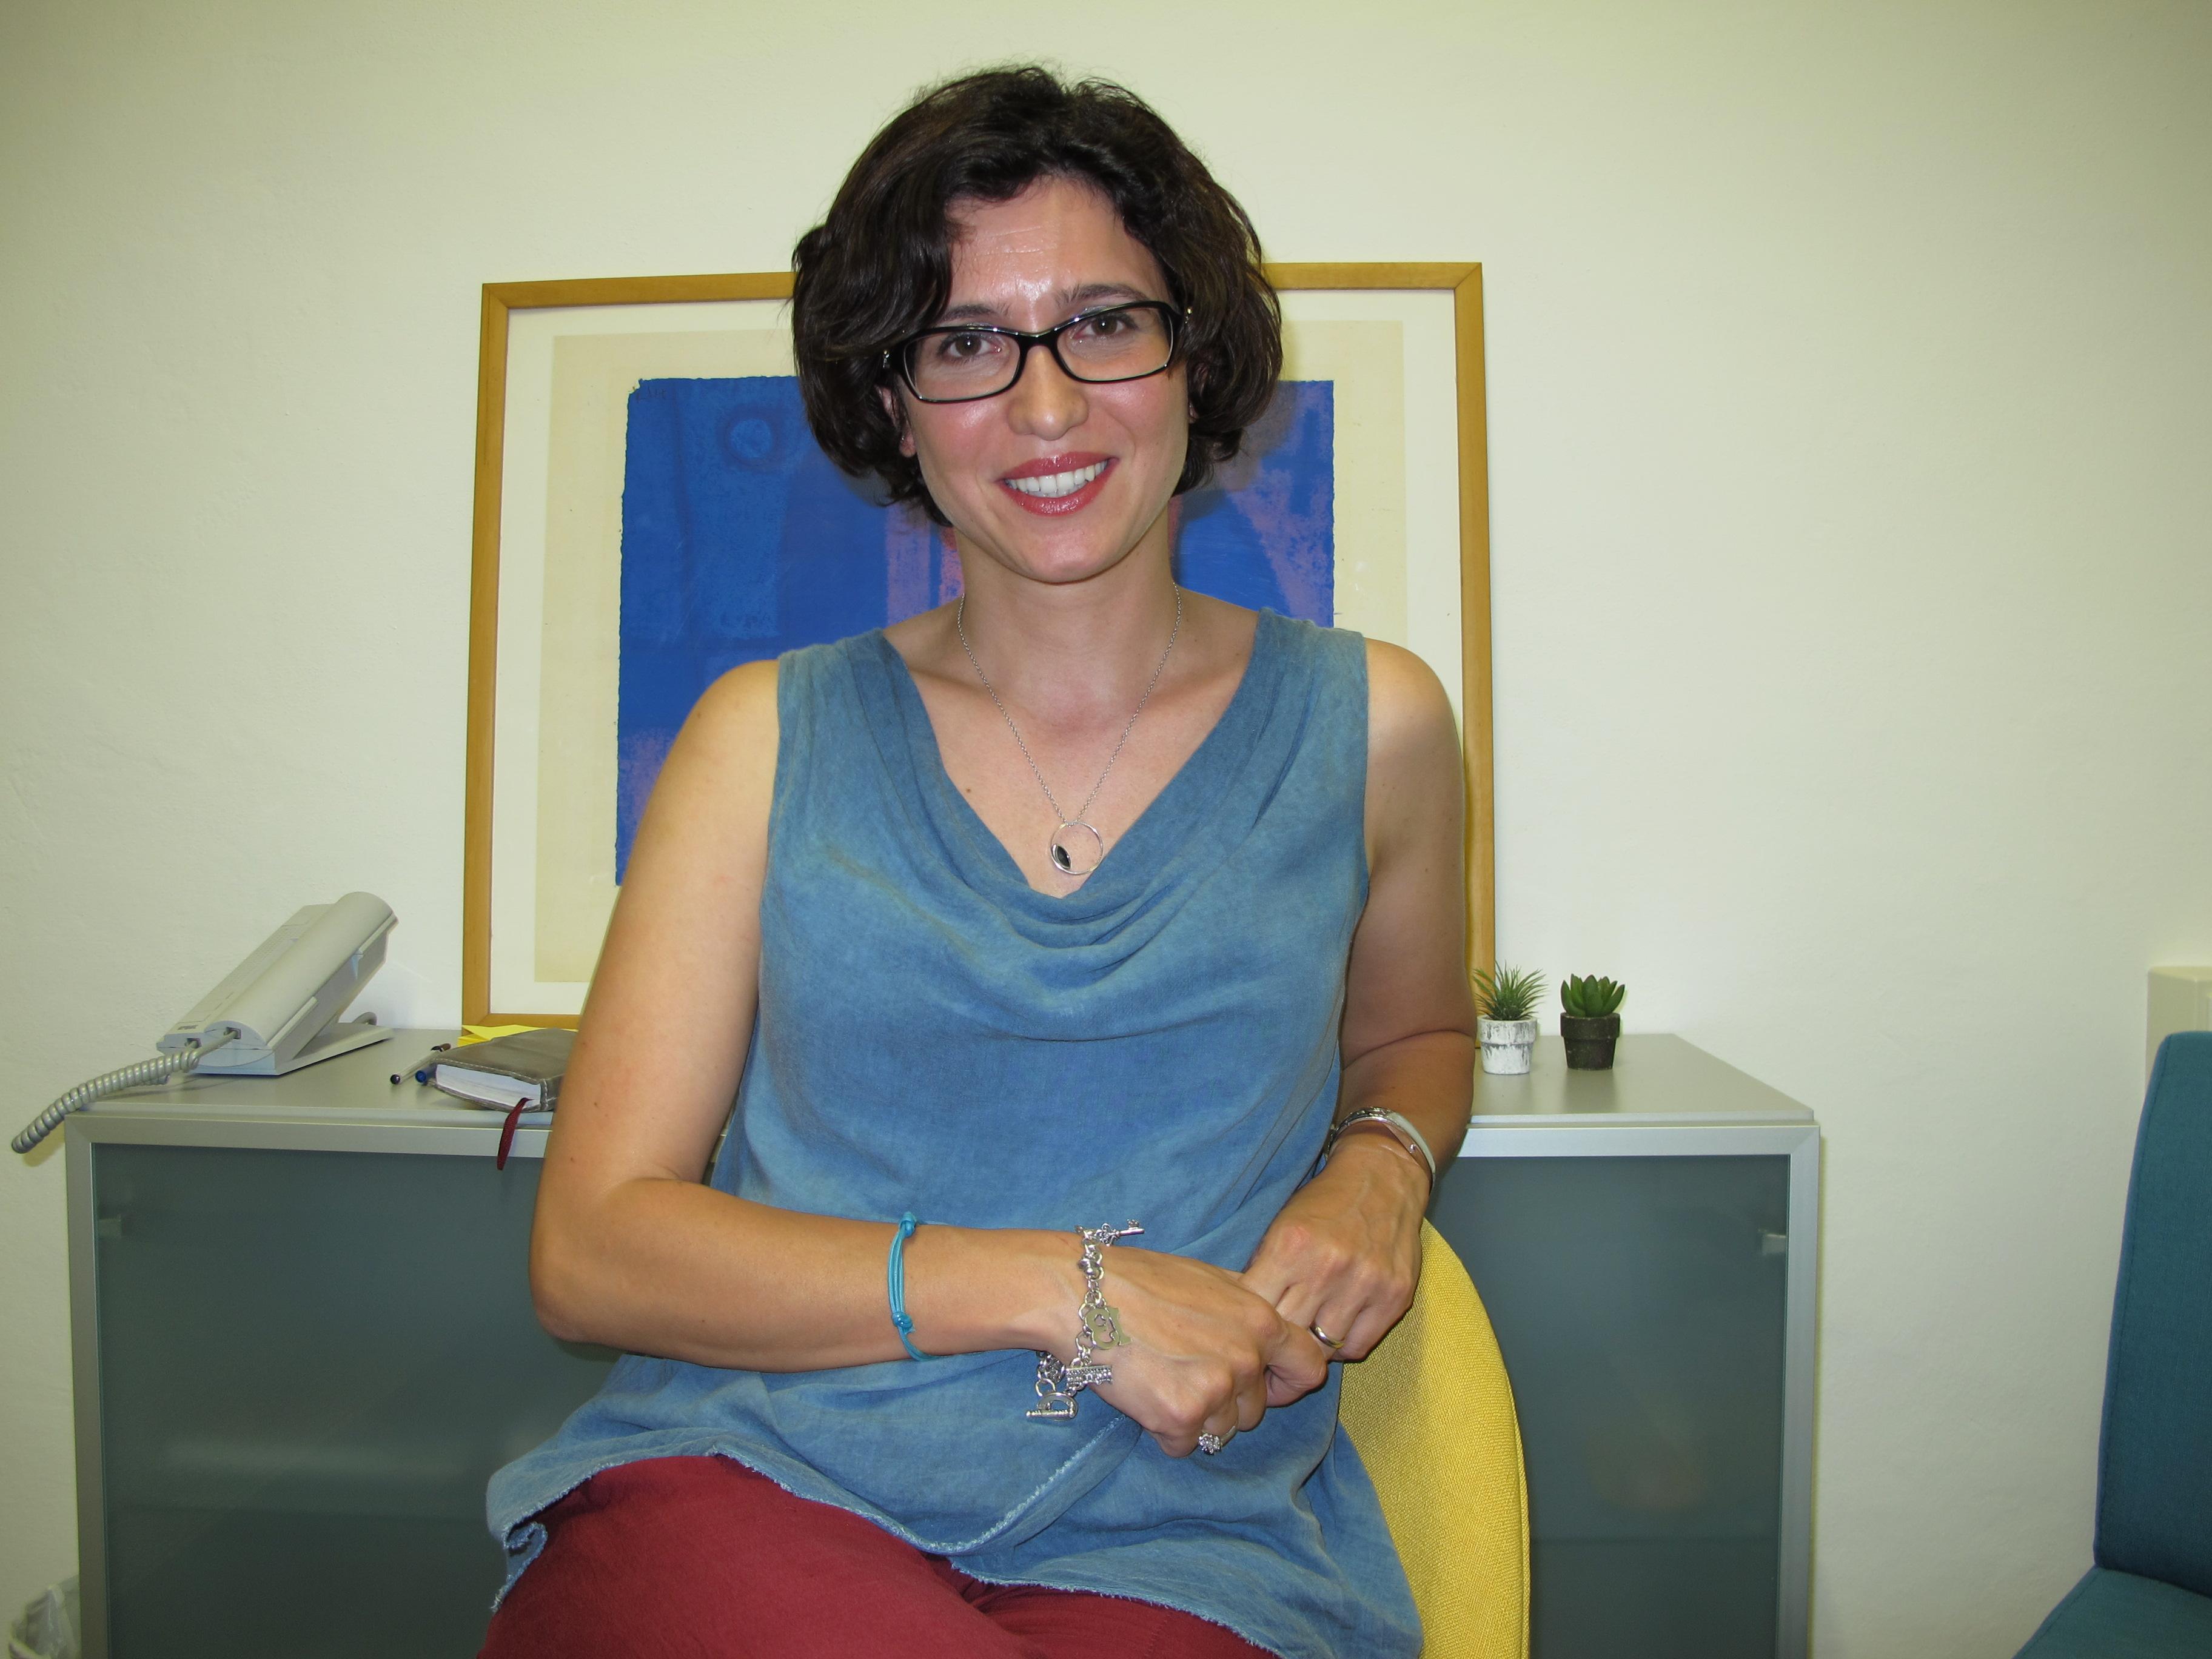 Dot.ssa Diletta de Bernart